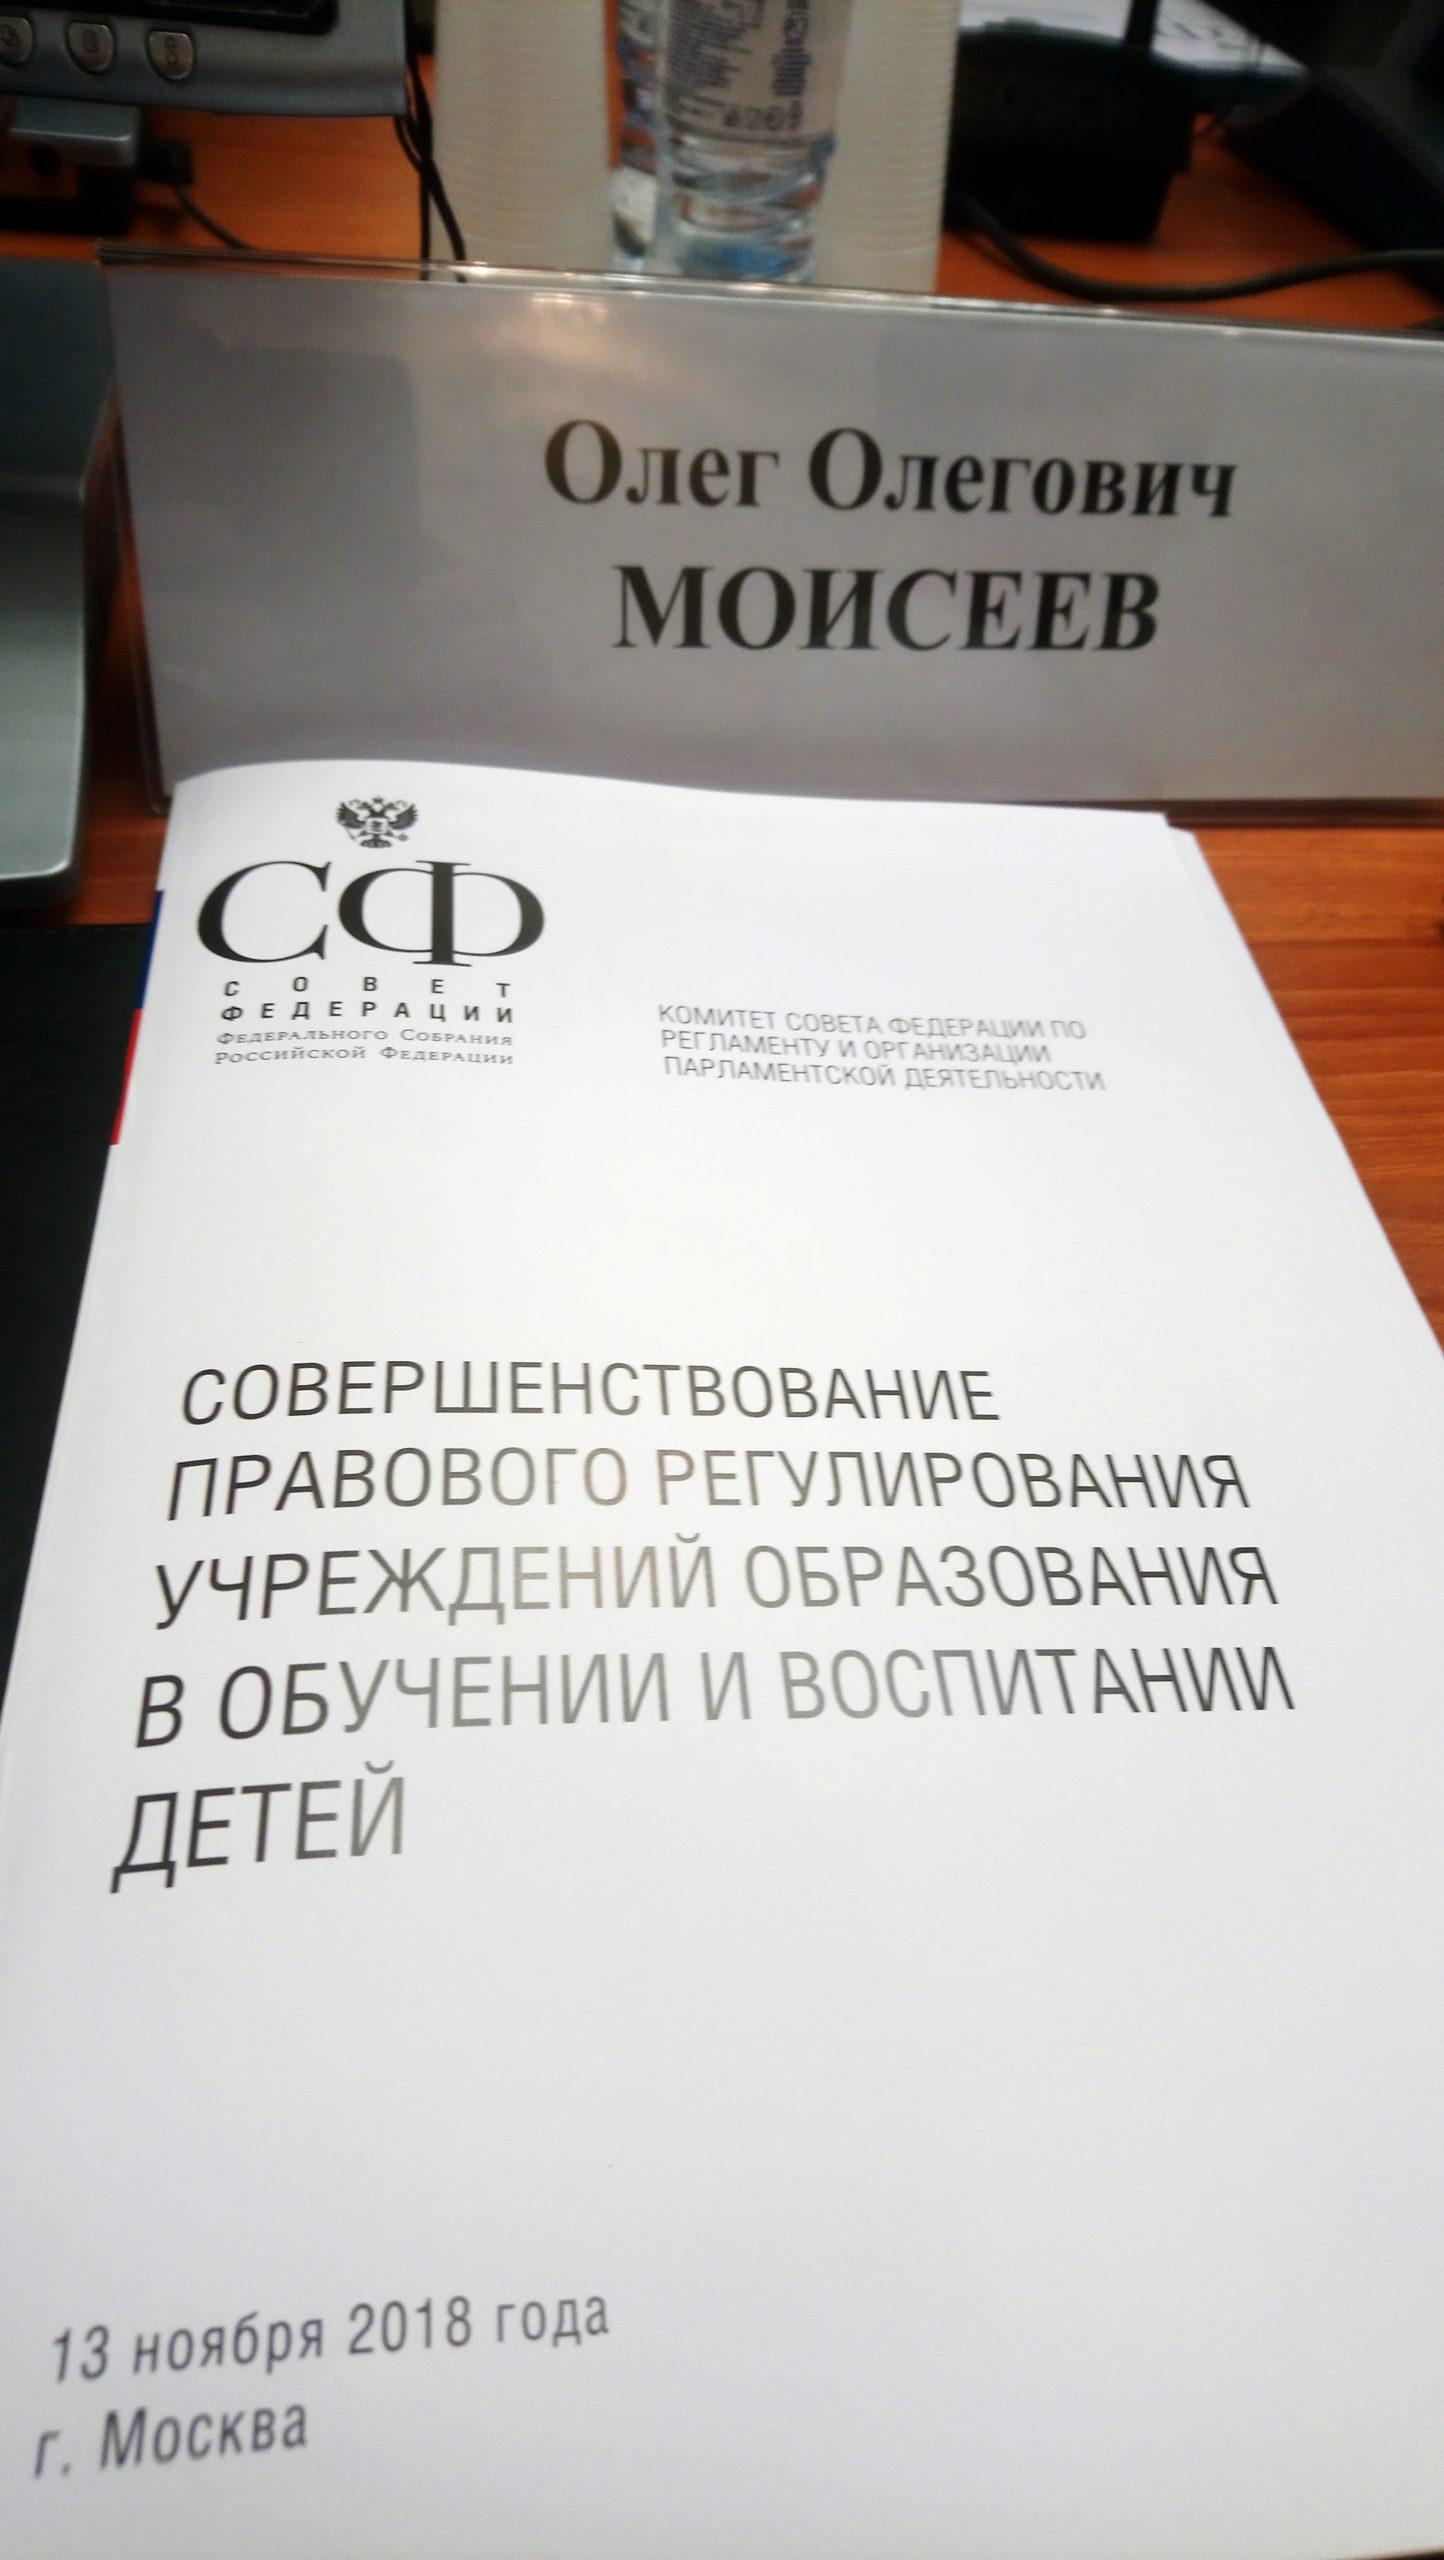 Общее дело на заседании комитета Совета Федерации РФ